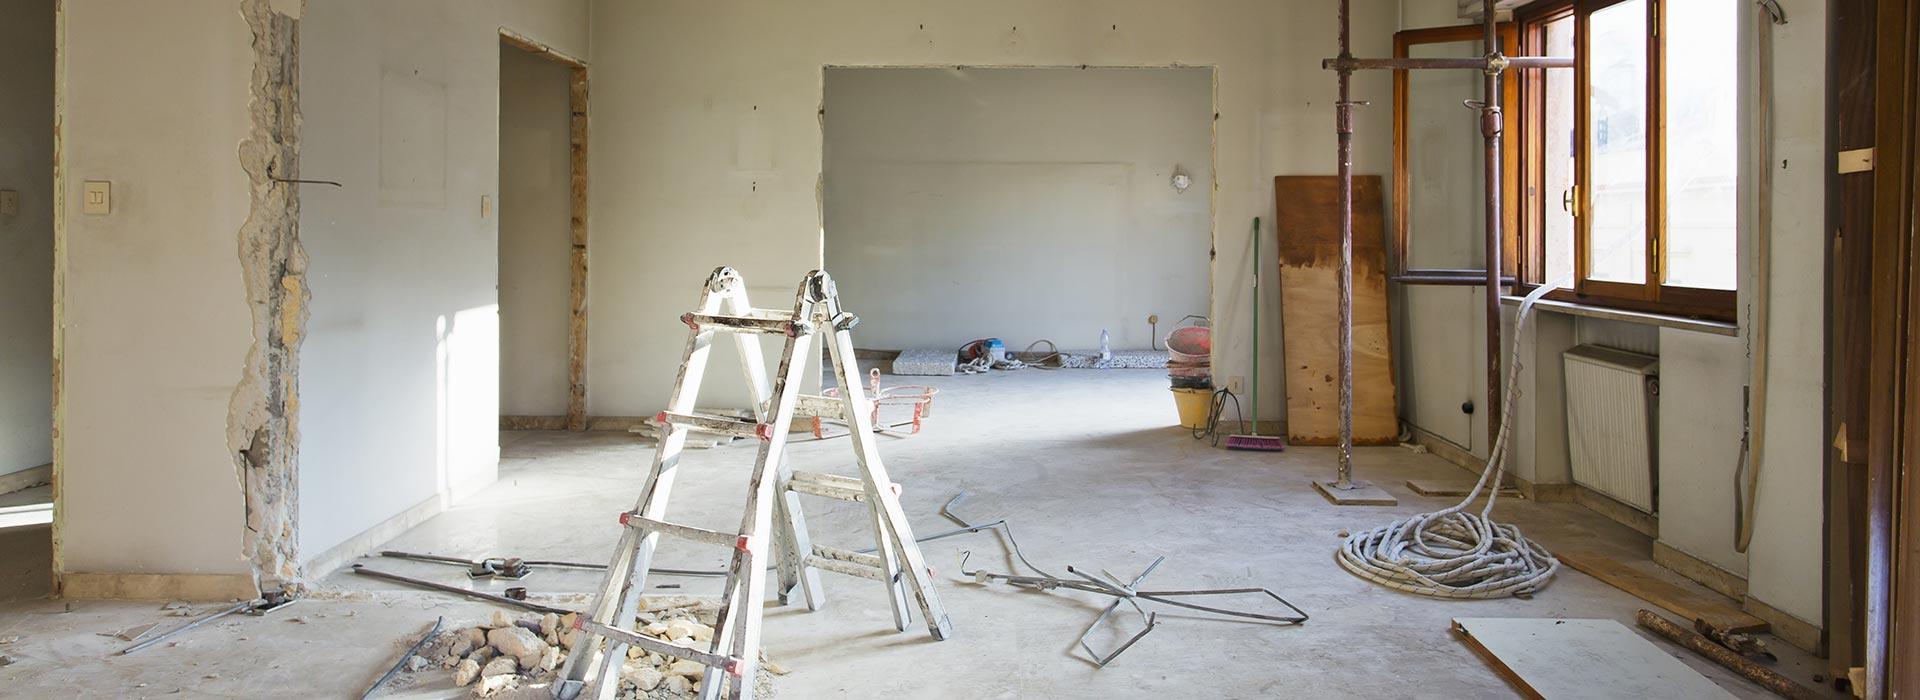 Renovierung mit Binder Bauunternehmen nahe Straubing